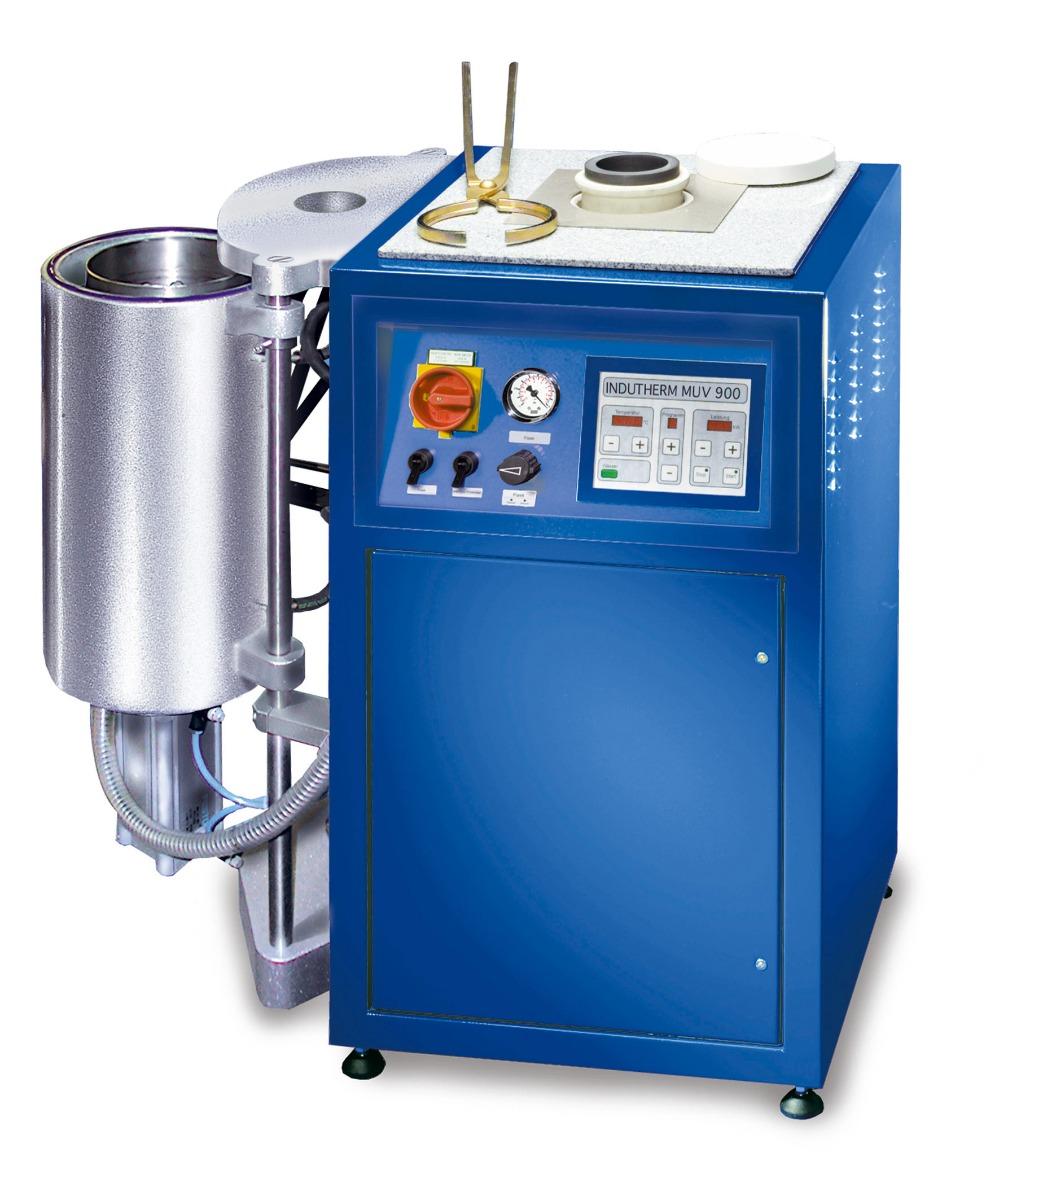 Indutherm Melter & Casting Machine MUV 400